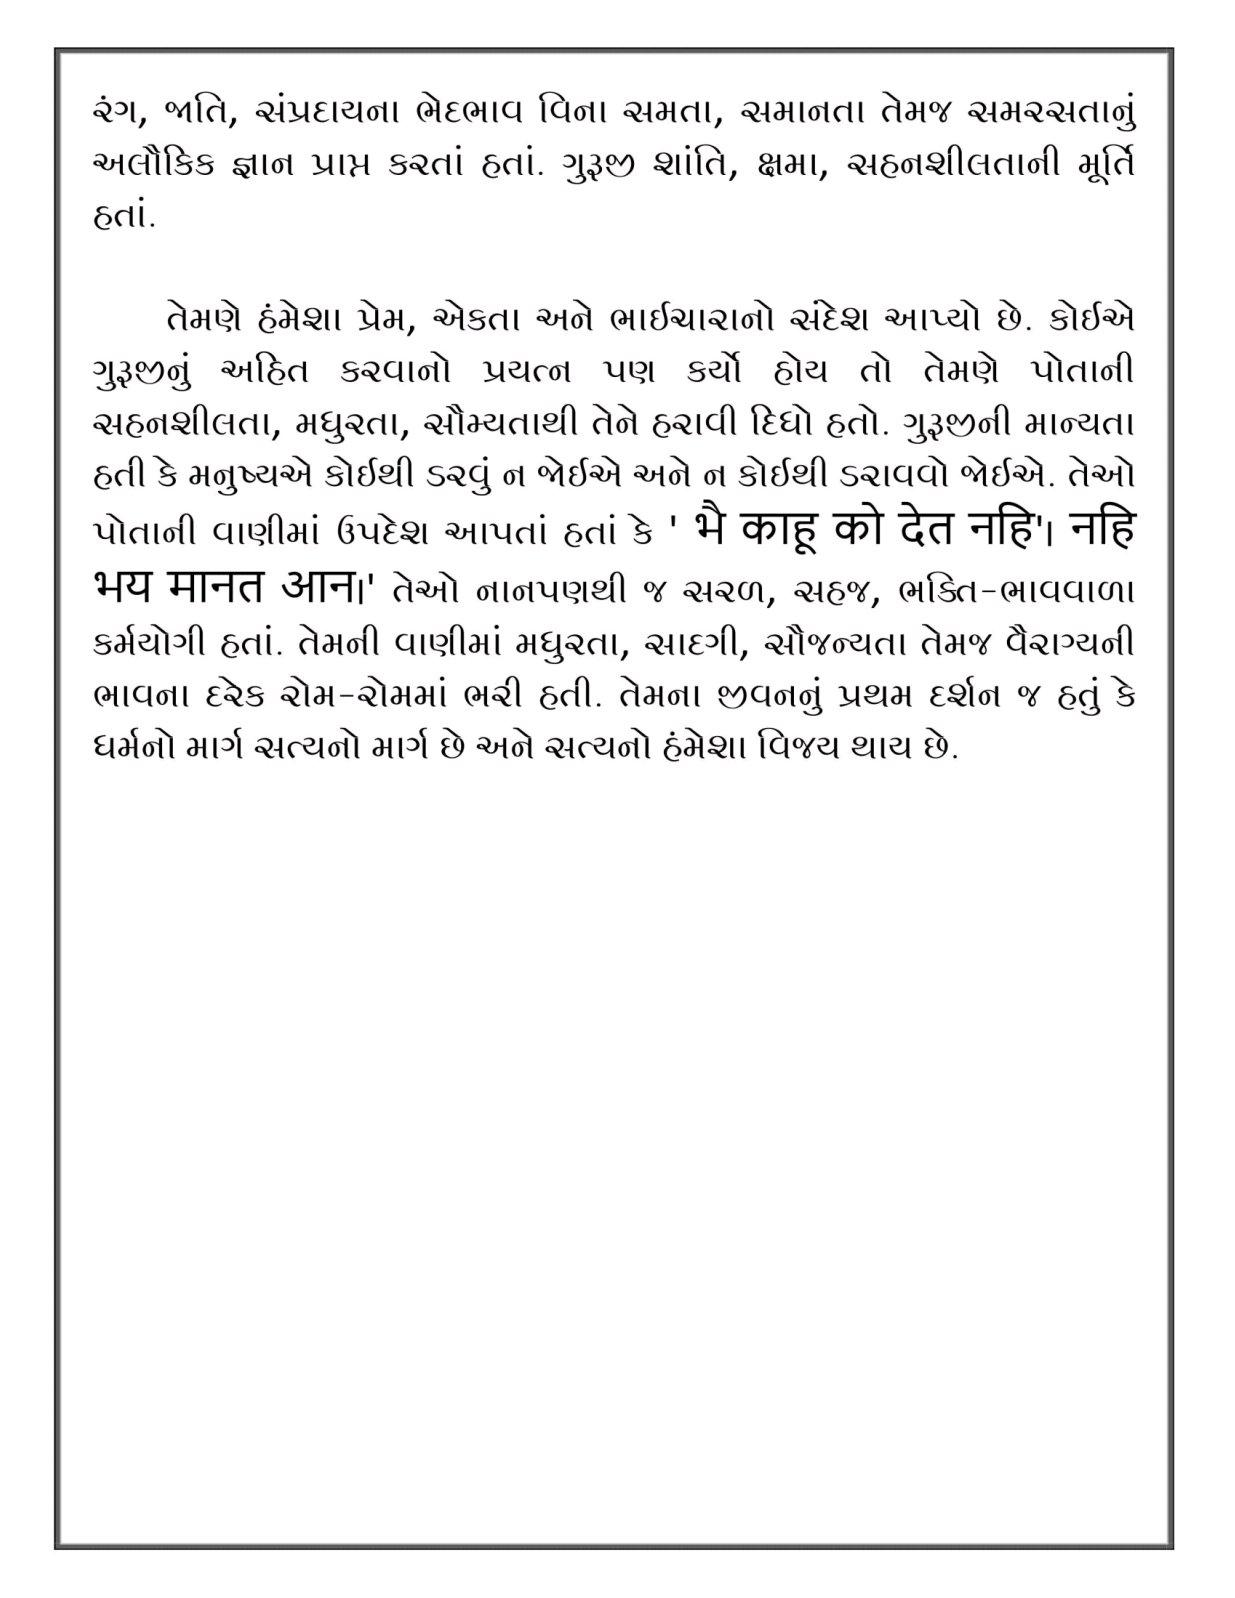 http://www.pravinvankar.in/2021/09/guru-teg-bahadur-janm-jayanti-babat.html